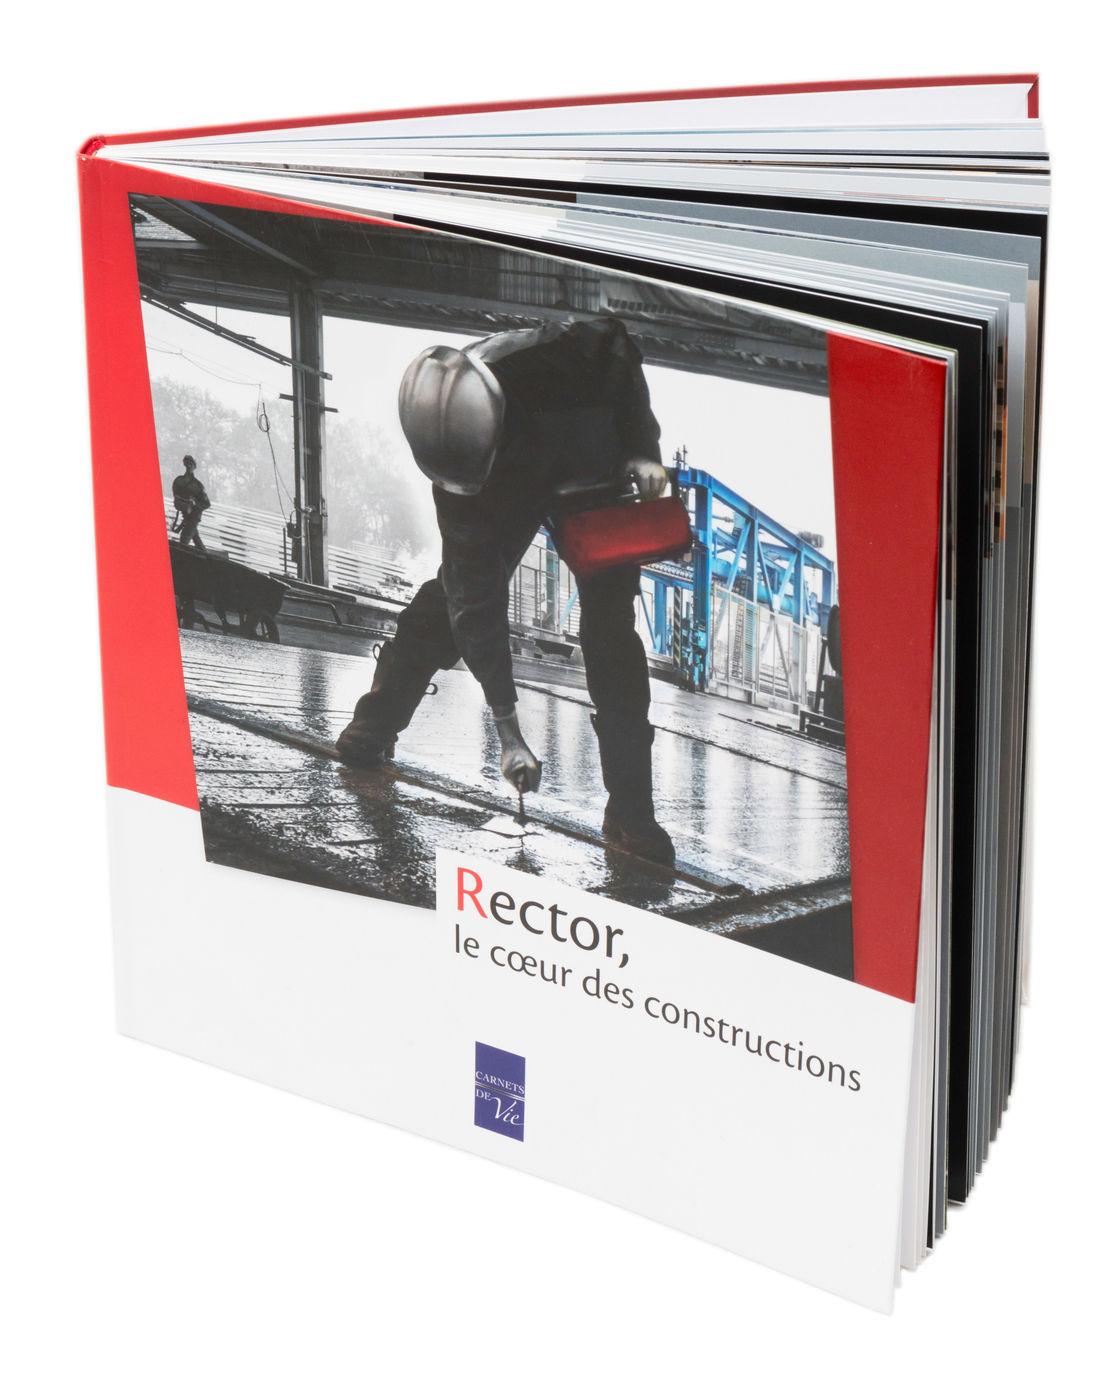 Rector, le coeur des constructions, 130 pages, 21,5 x 22,5 cm. Editions Carnets de vie 2013  Photos : Aude Boissaye et Sébastien Randé / Studio Cui Cui